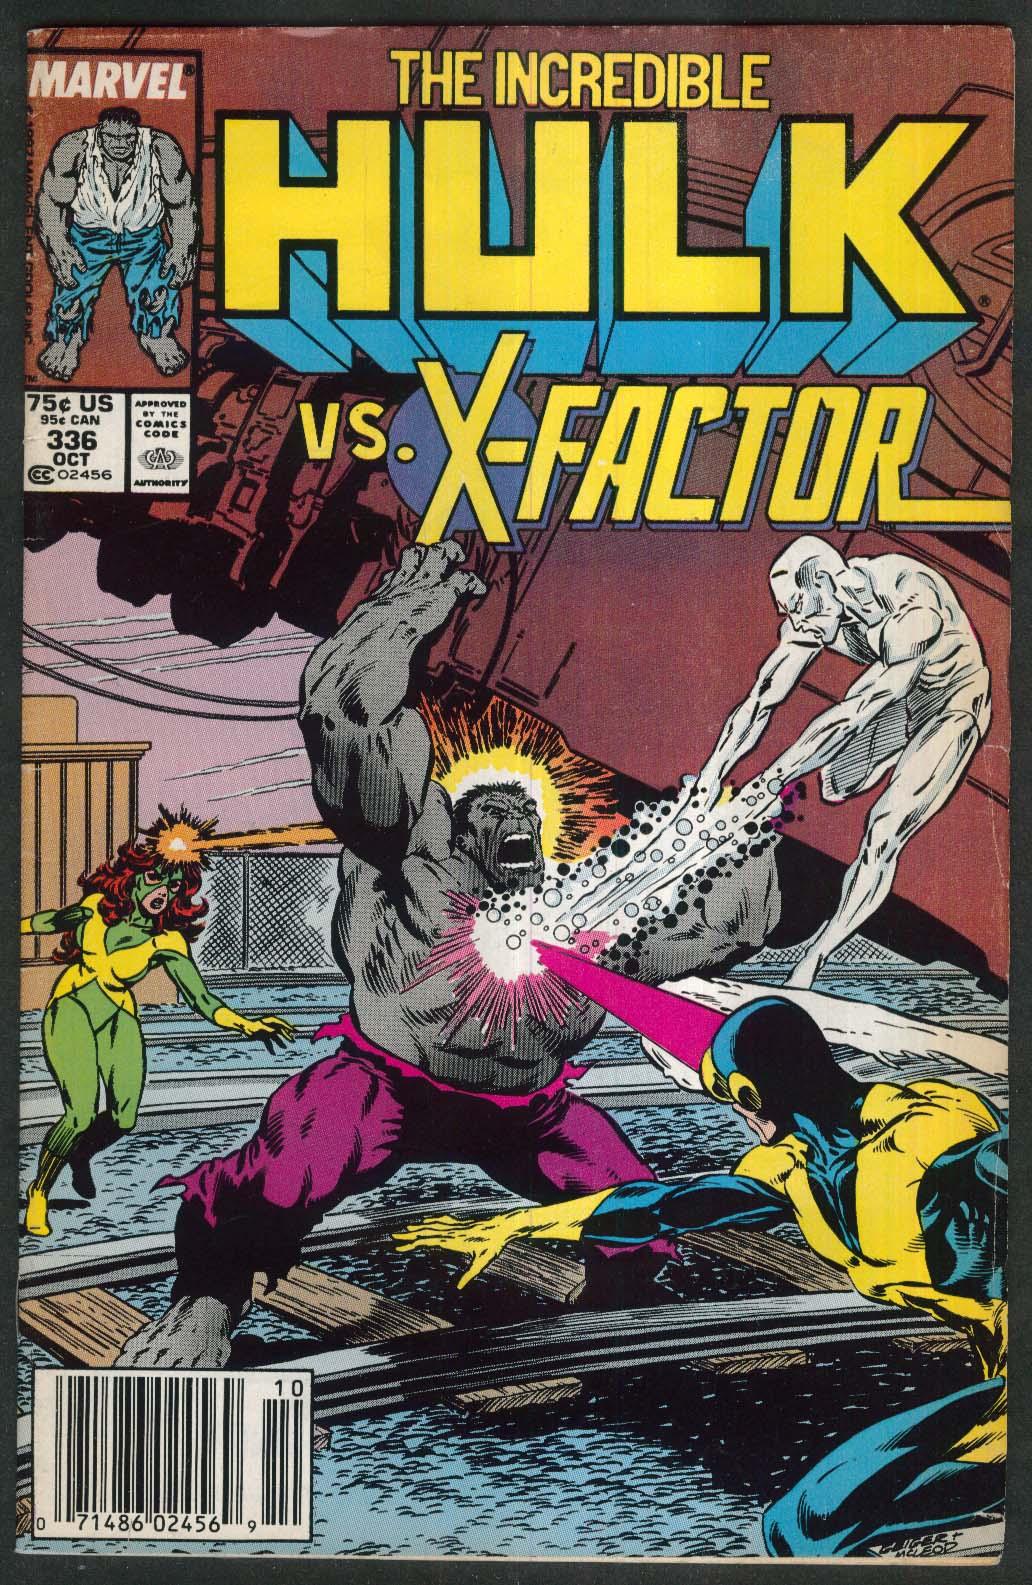 INCREDIBLE HULK #336 Marvel comic book 10 1987